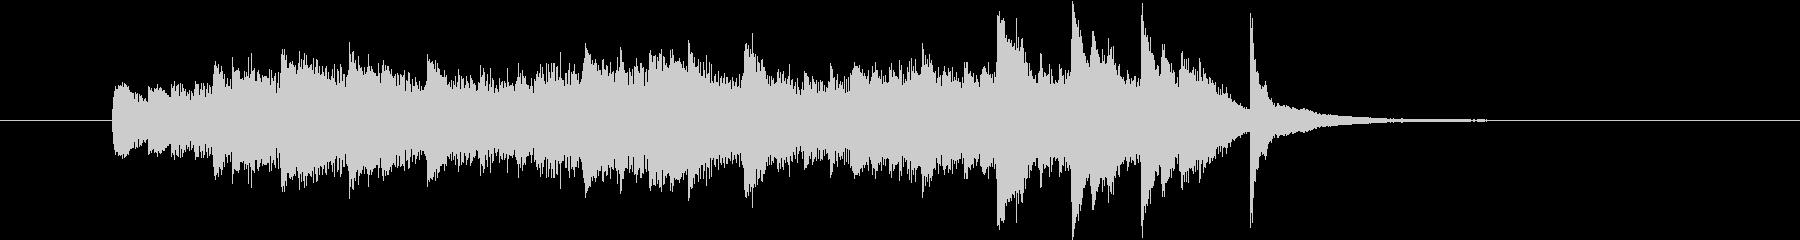 「ひらめきBGM」の未再生の波形